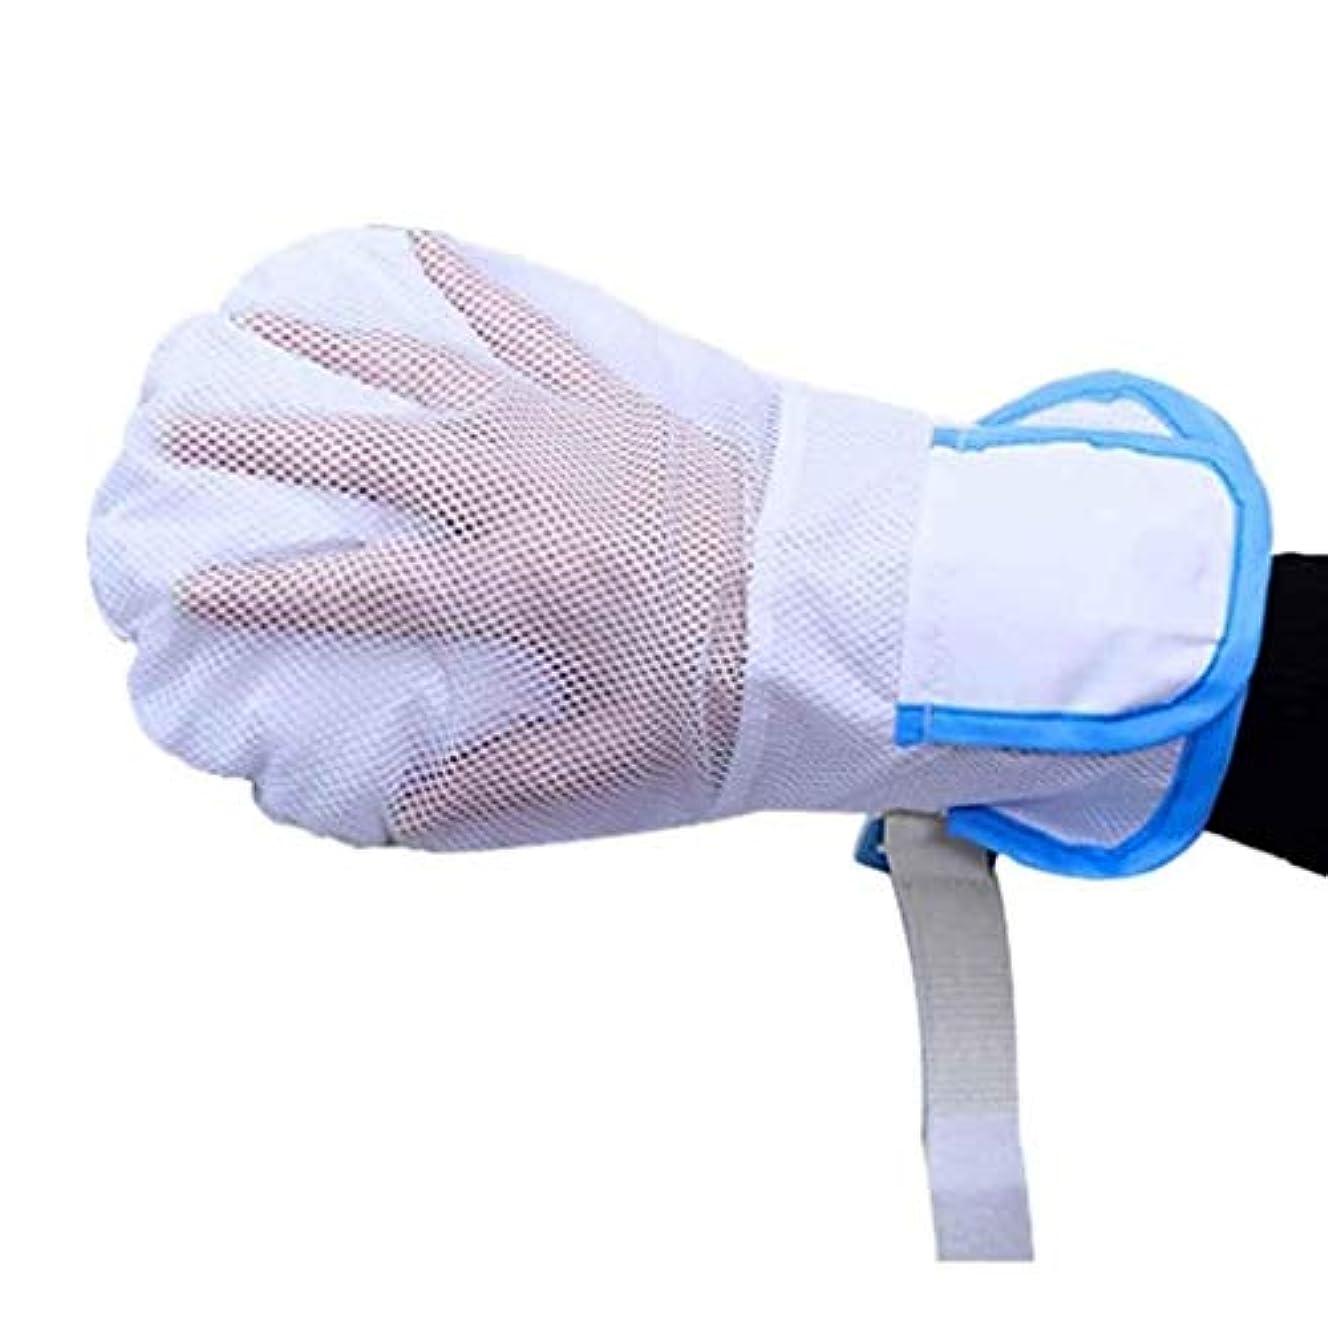 作者水平処方フィンガーコントロールミット 医療用防護服患者用手感染プロテクターパッド入りミットは高齢者のための指の害を防ぐための手袋を防ぎます